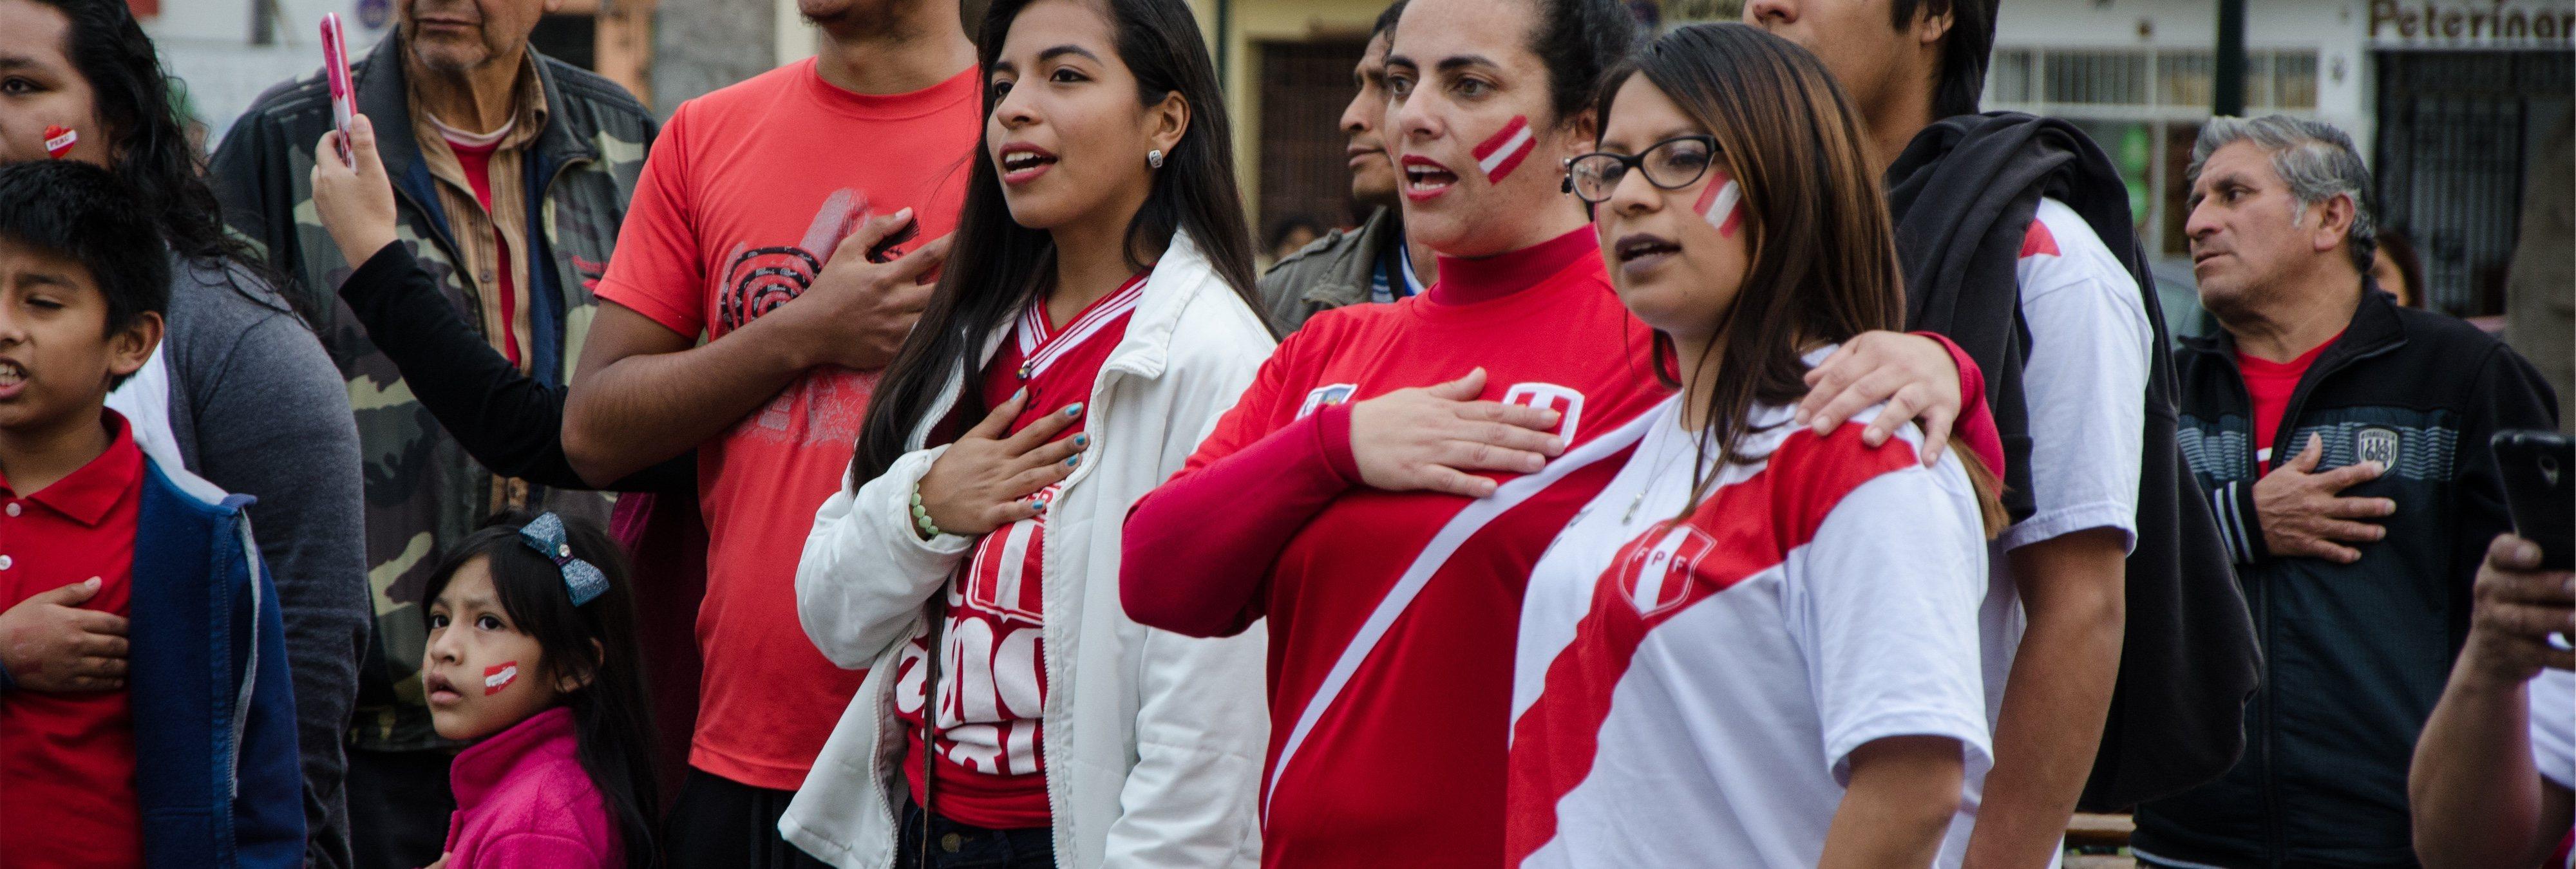 España es el país más criticado en los himnos de otros países